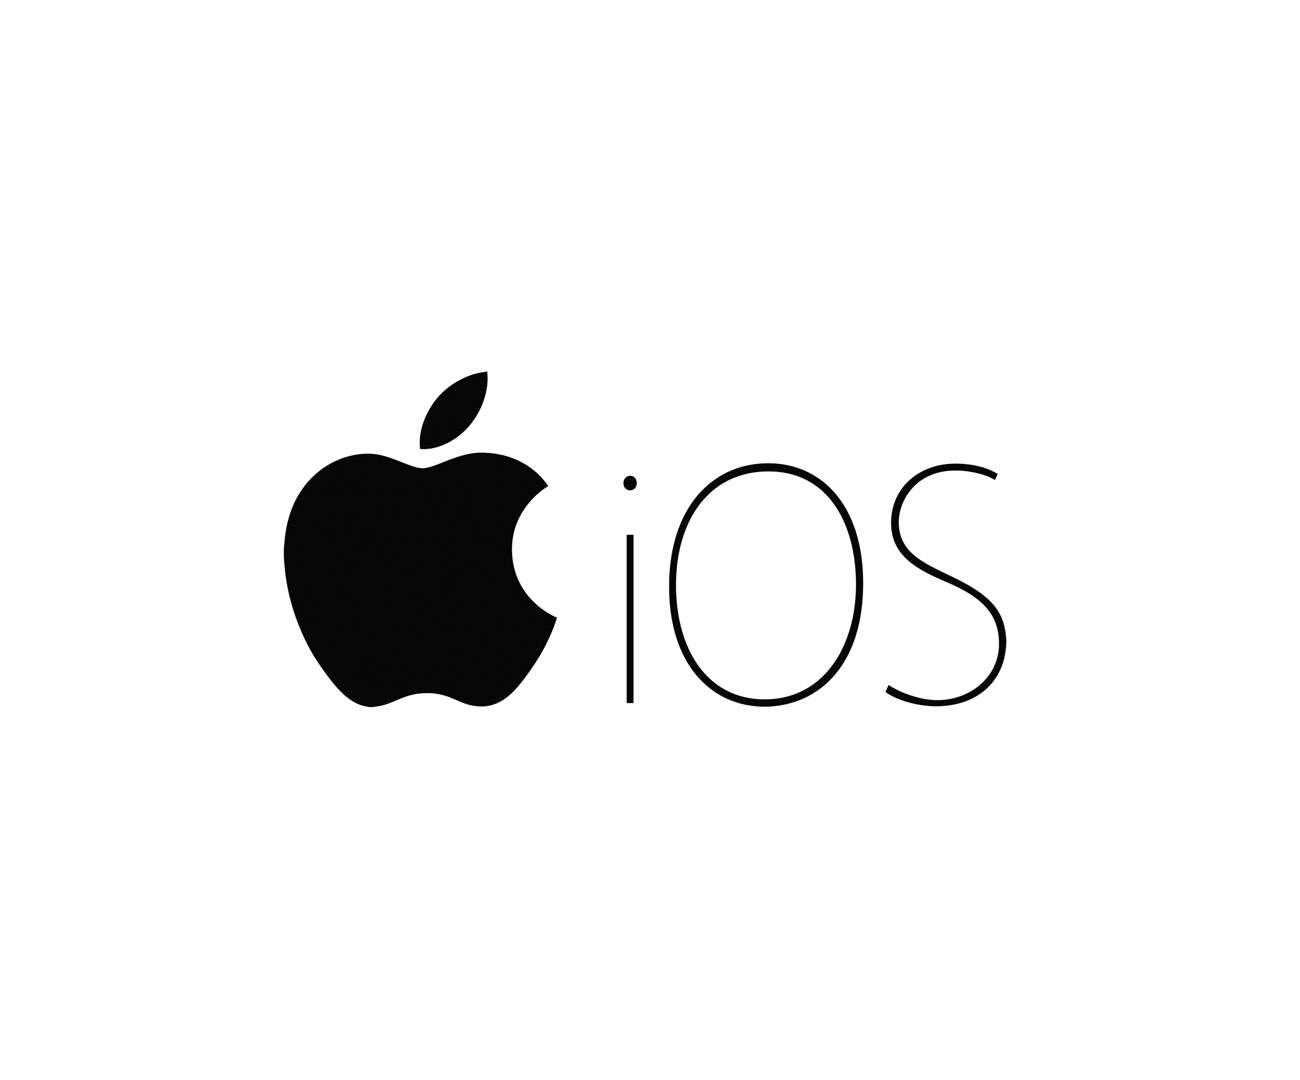 Lista zmian iOS 14.3. Stare modele jakby odżyły?